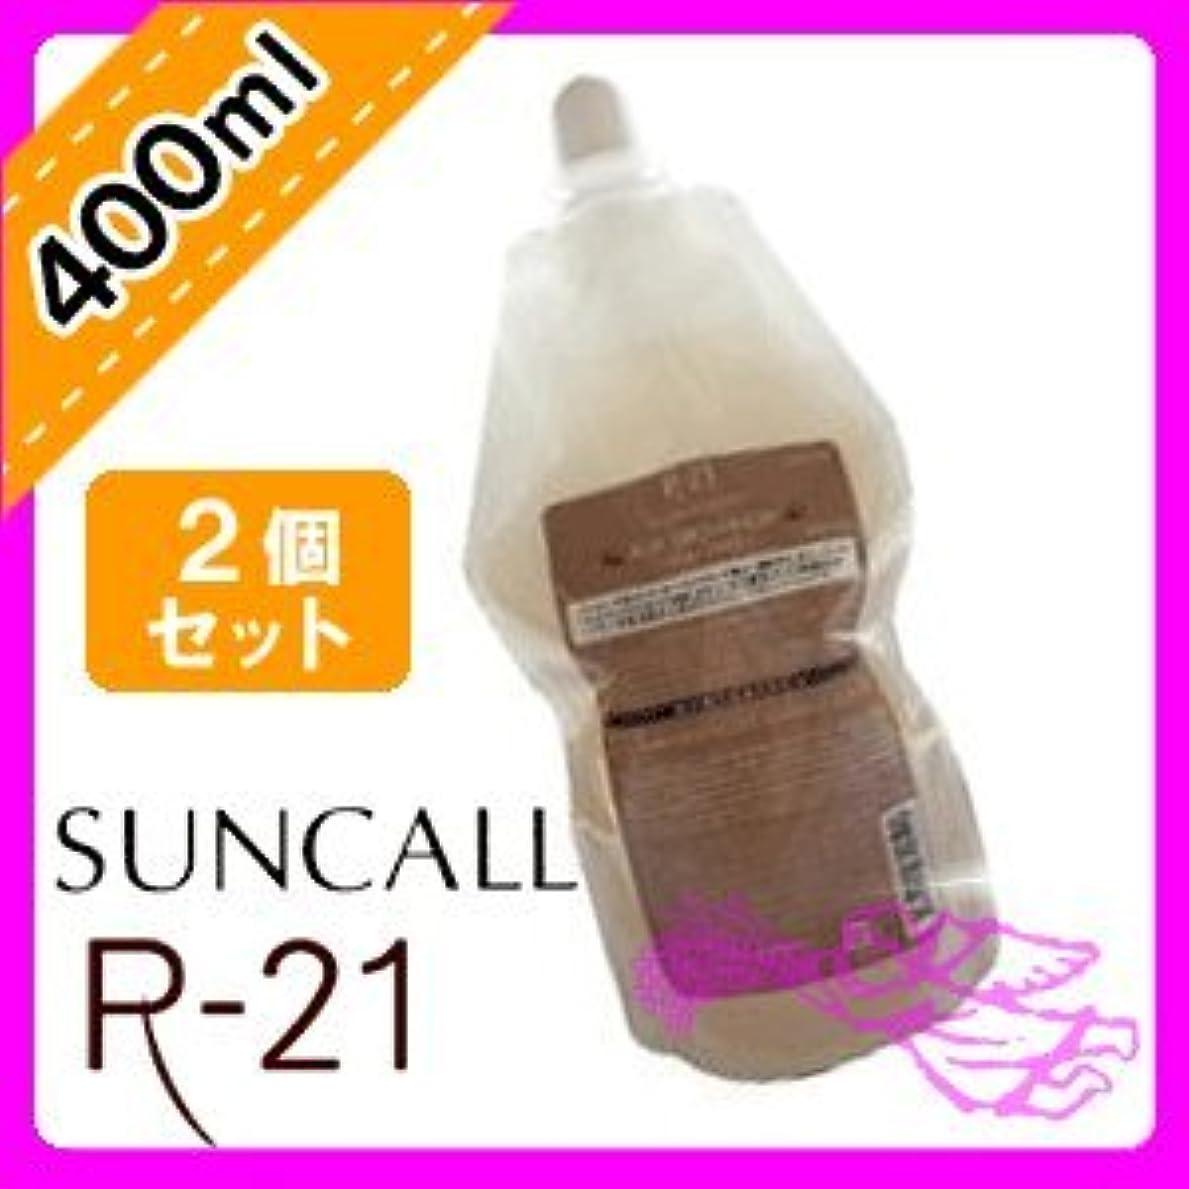 小説不忠創始者サンコール R-21 CMCヒートミスト 400mL × 2個 セット 詰め替え用 SUNCALL R-21